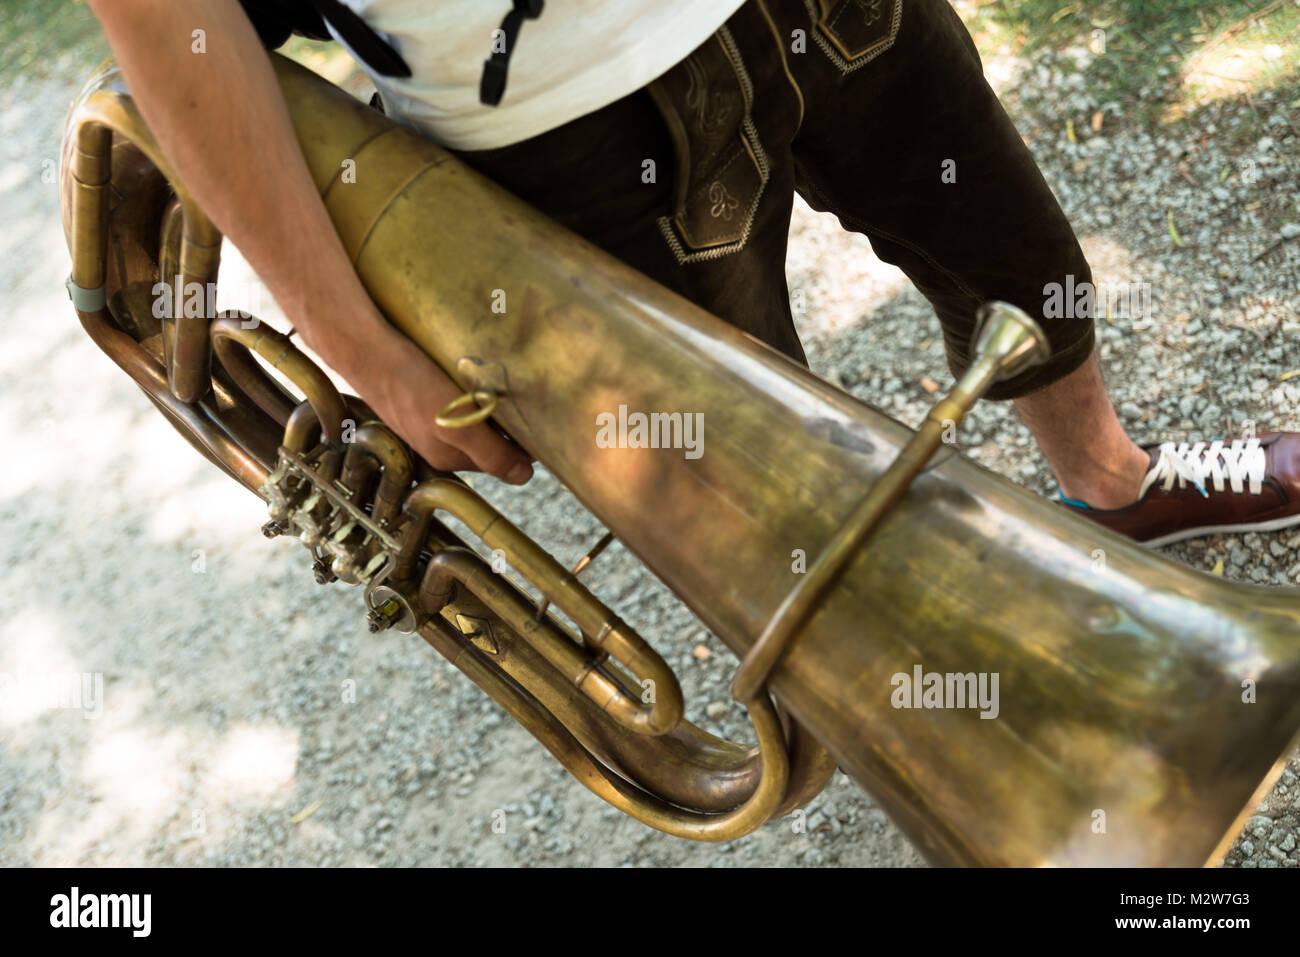 Man wearing Lederhosen, with tuba, detail - Stock Image